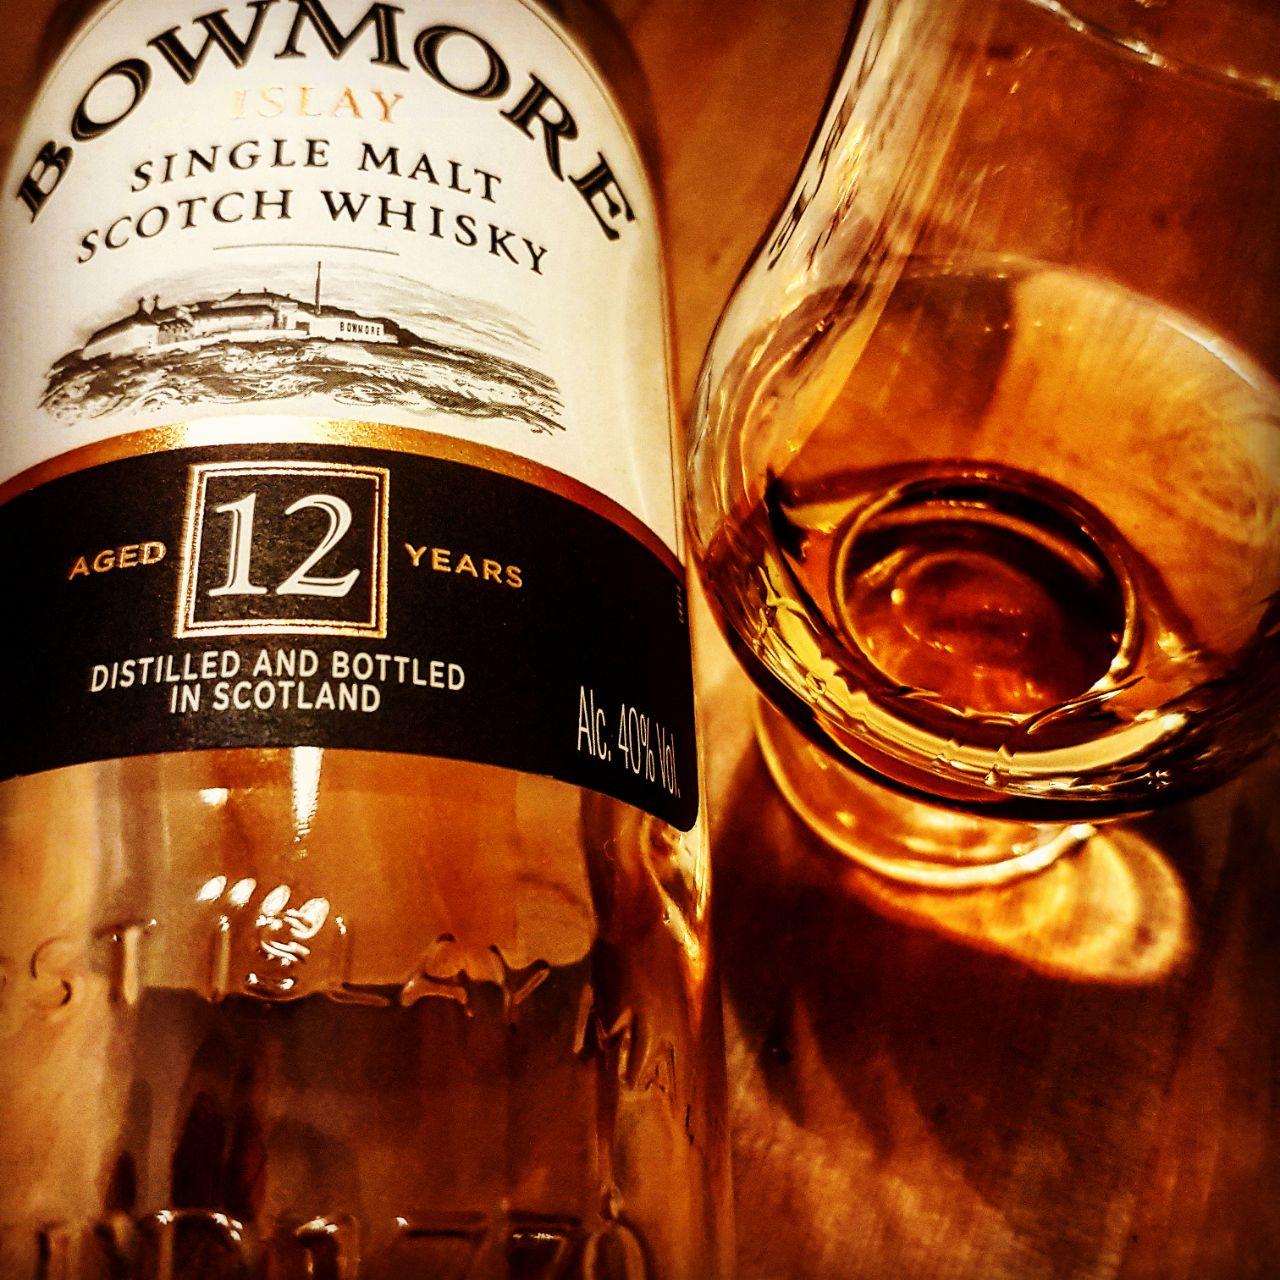 Bowmore 12 Jahre Islay Single Malt Scotch Whisky